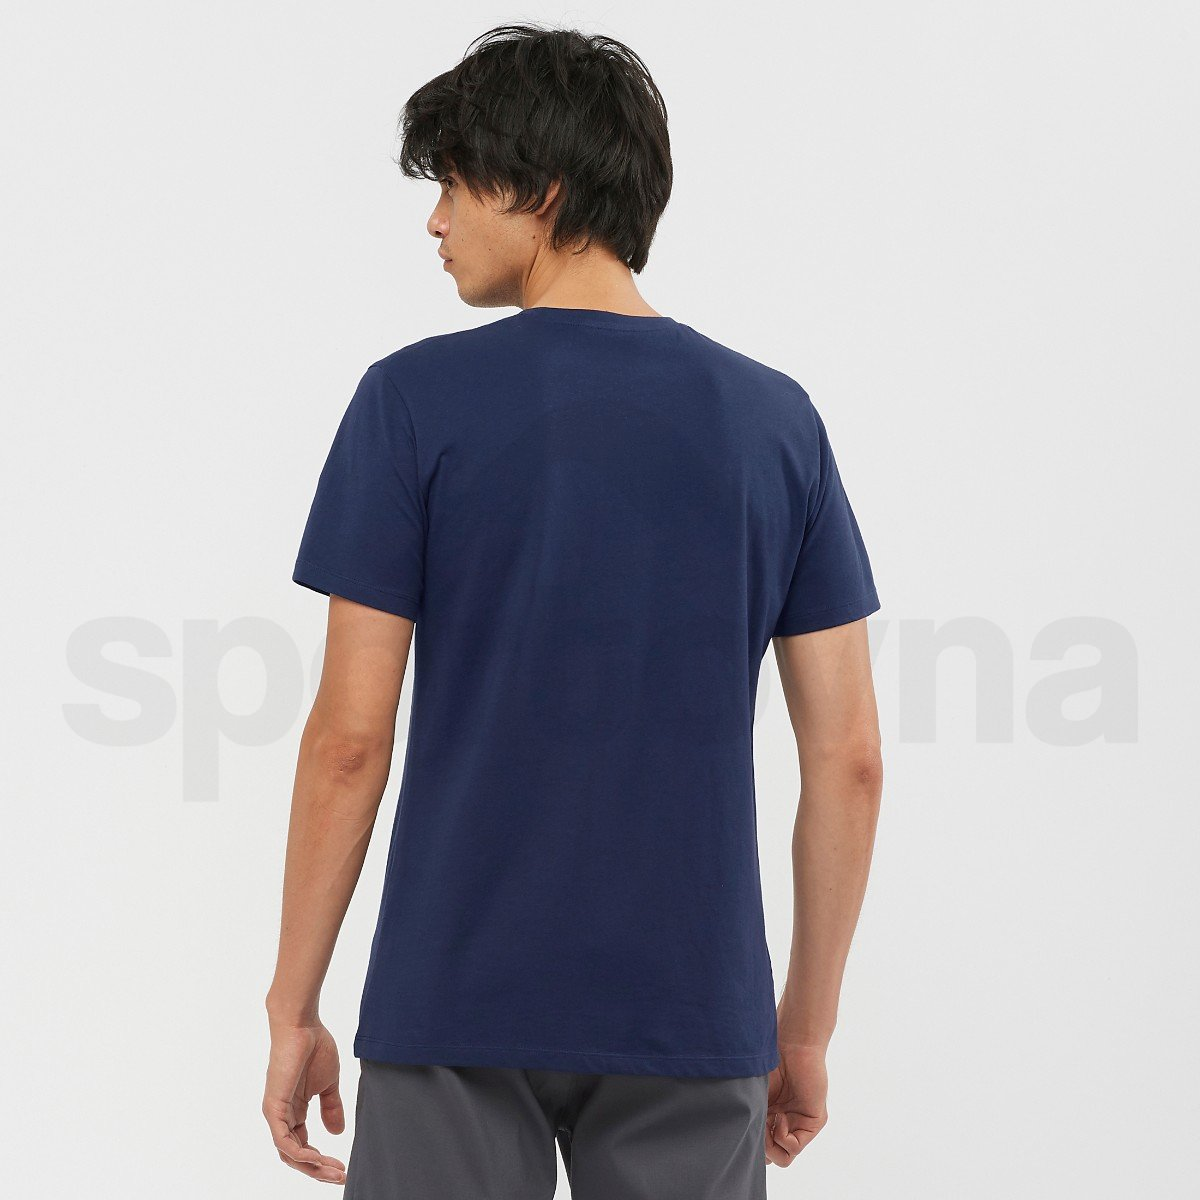 Tričko Salomon COTTON TEE M - tmavě modrá